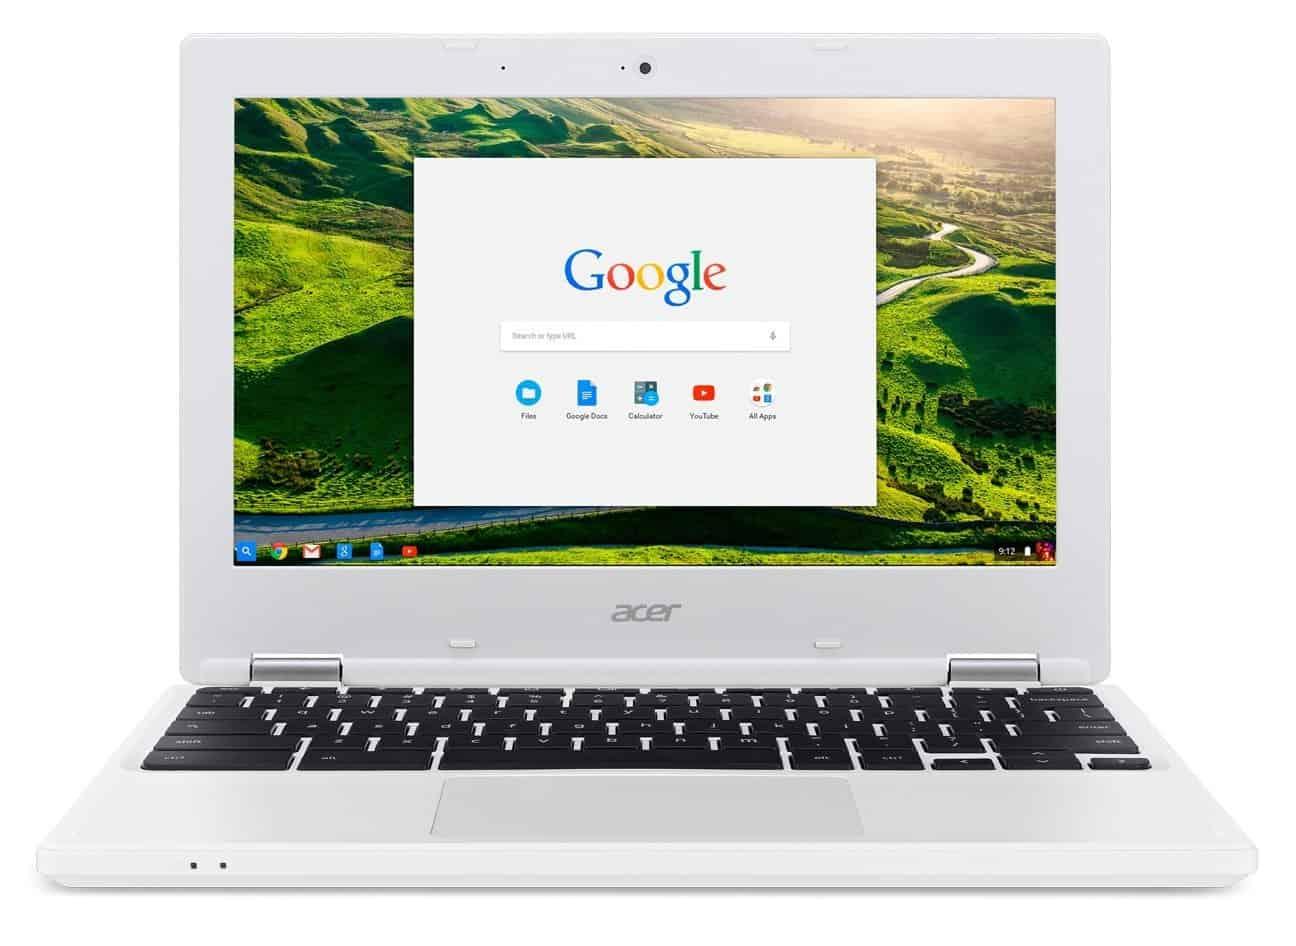 Acer Chromebook CB3 Review